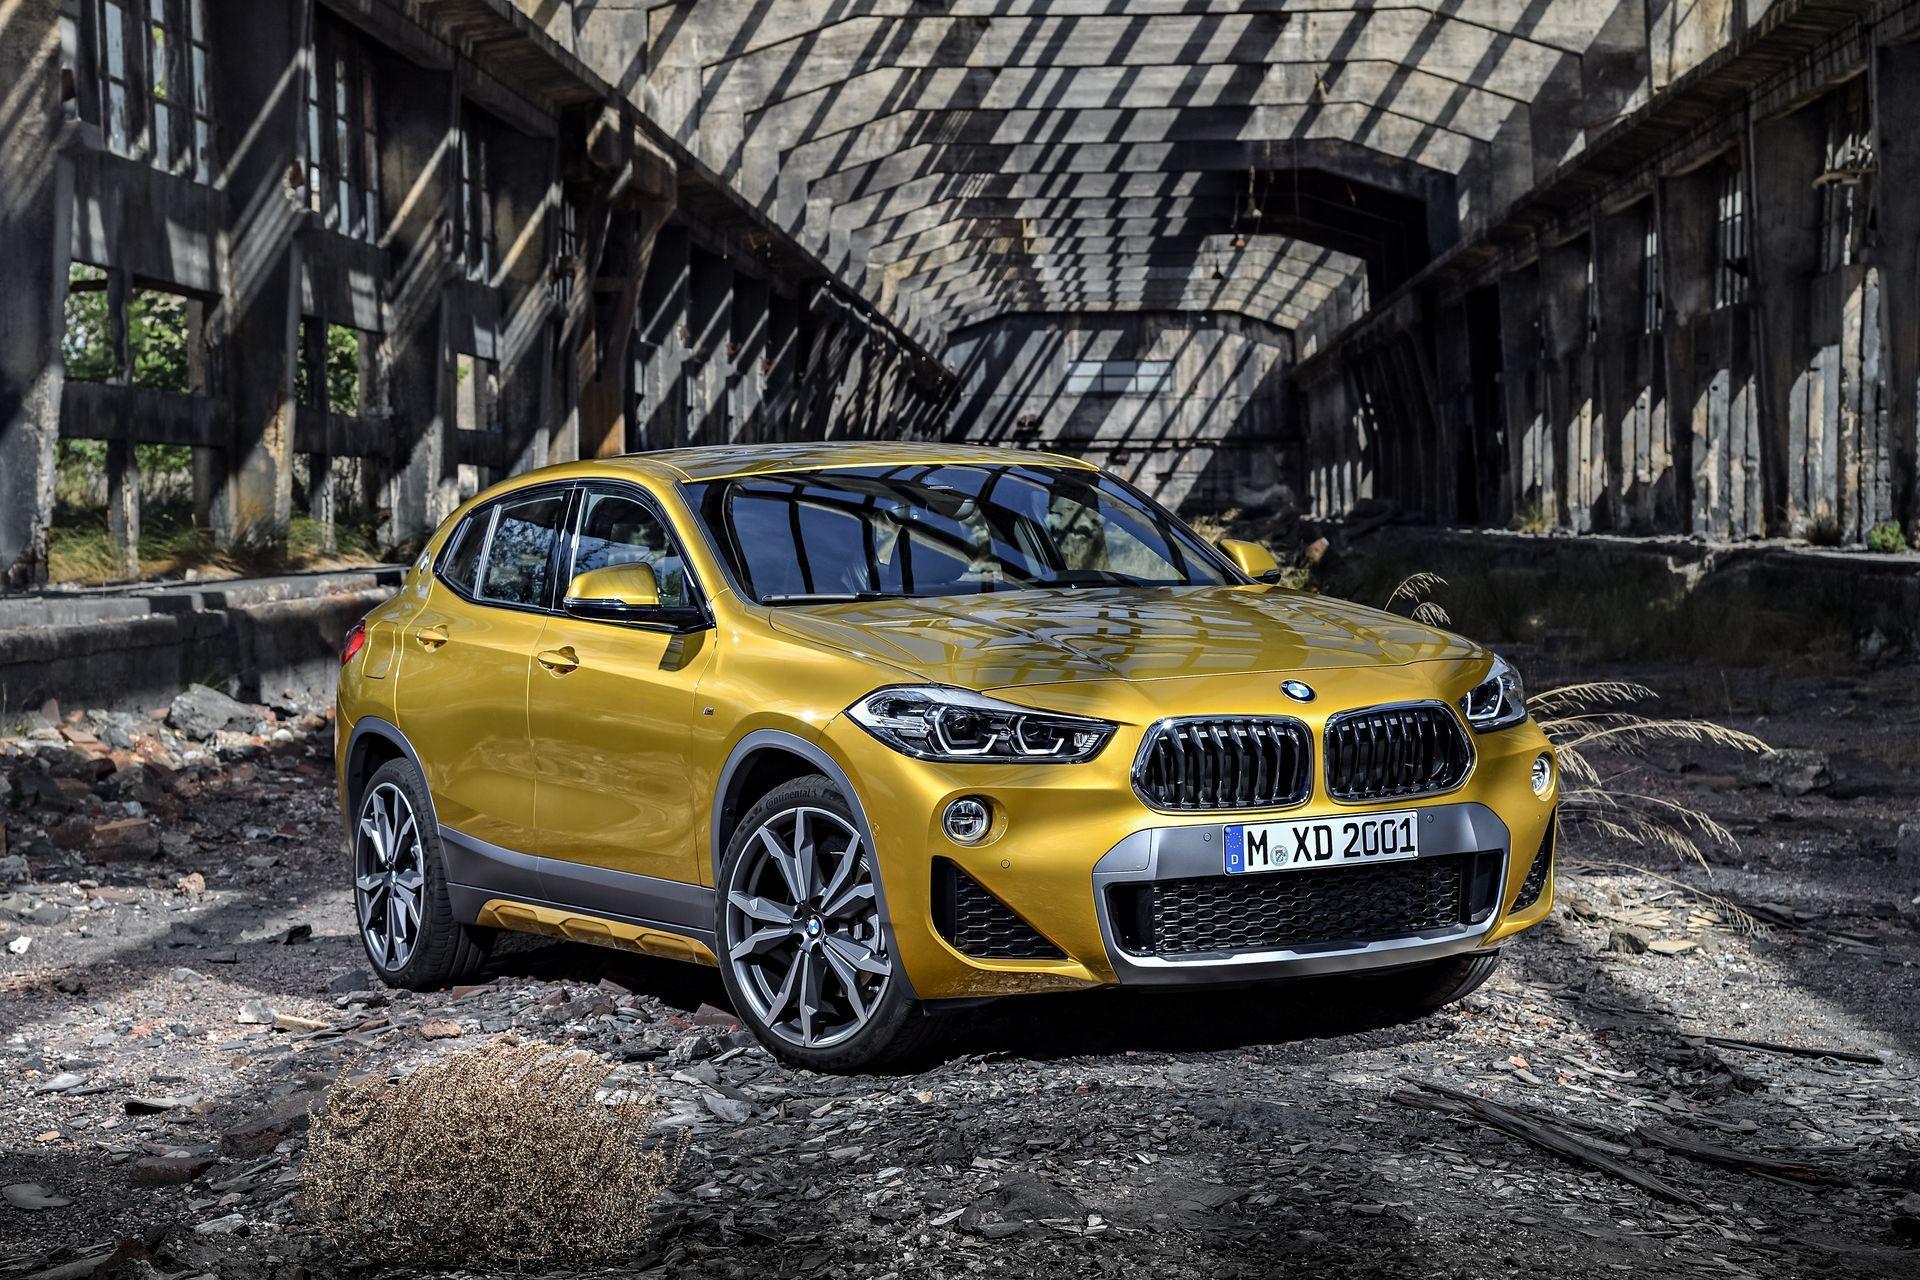 El próximo BMW Serie 1 llegará antes de 2020: traerá grandes cambios